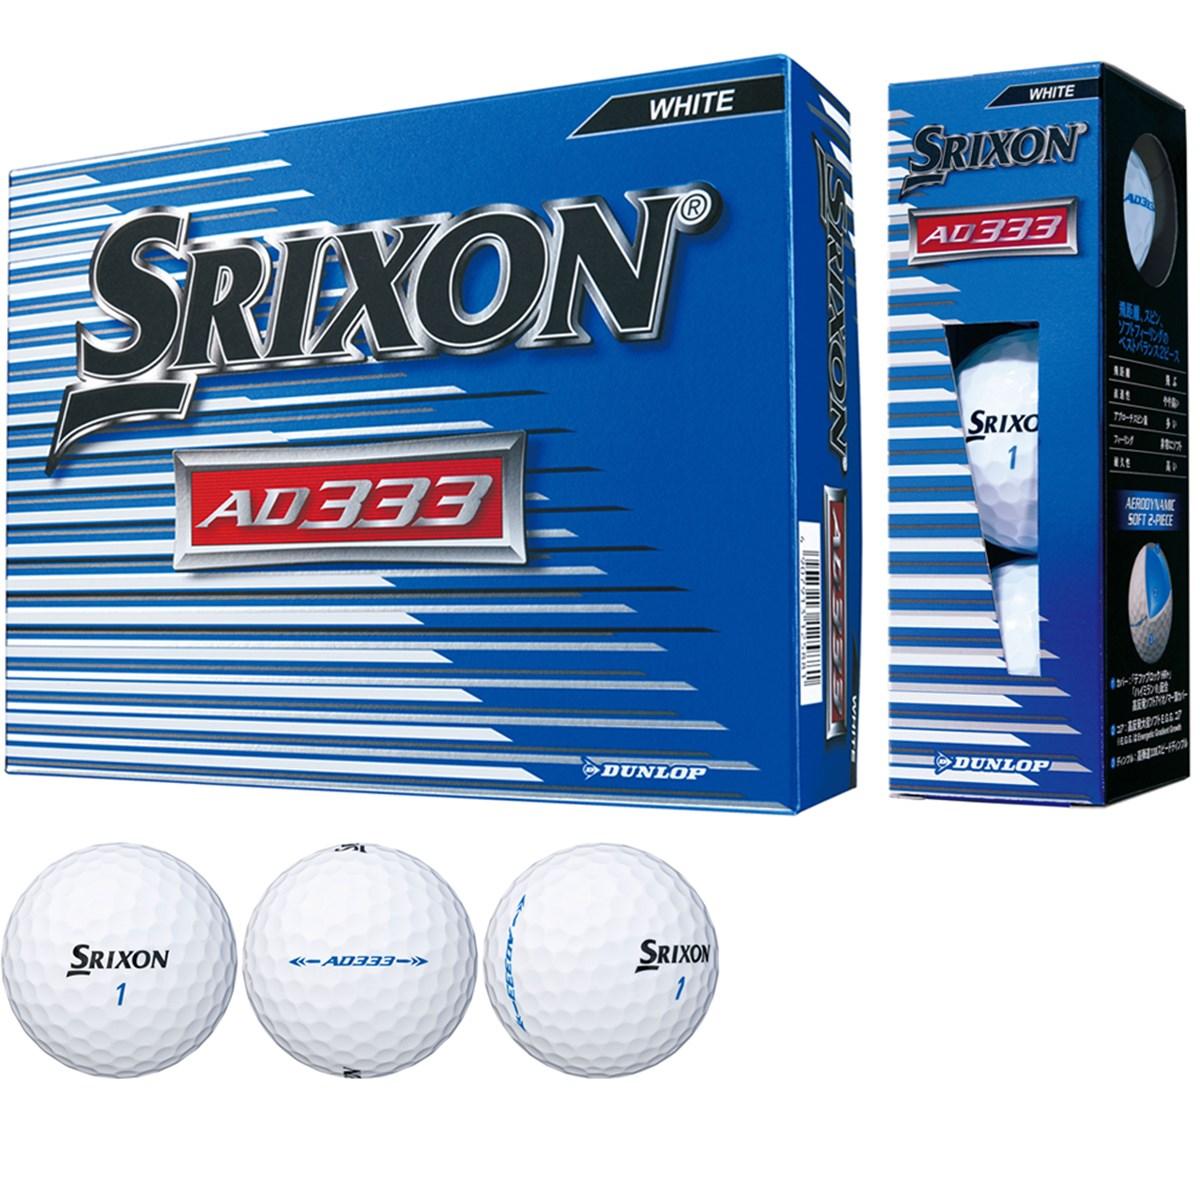 ダンロップ(DUNLOP) スリクソン AD333-7 ボール